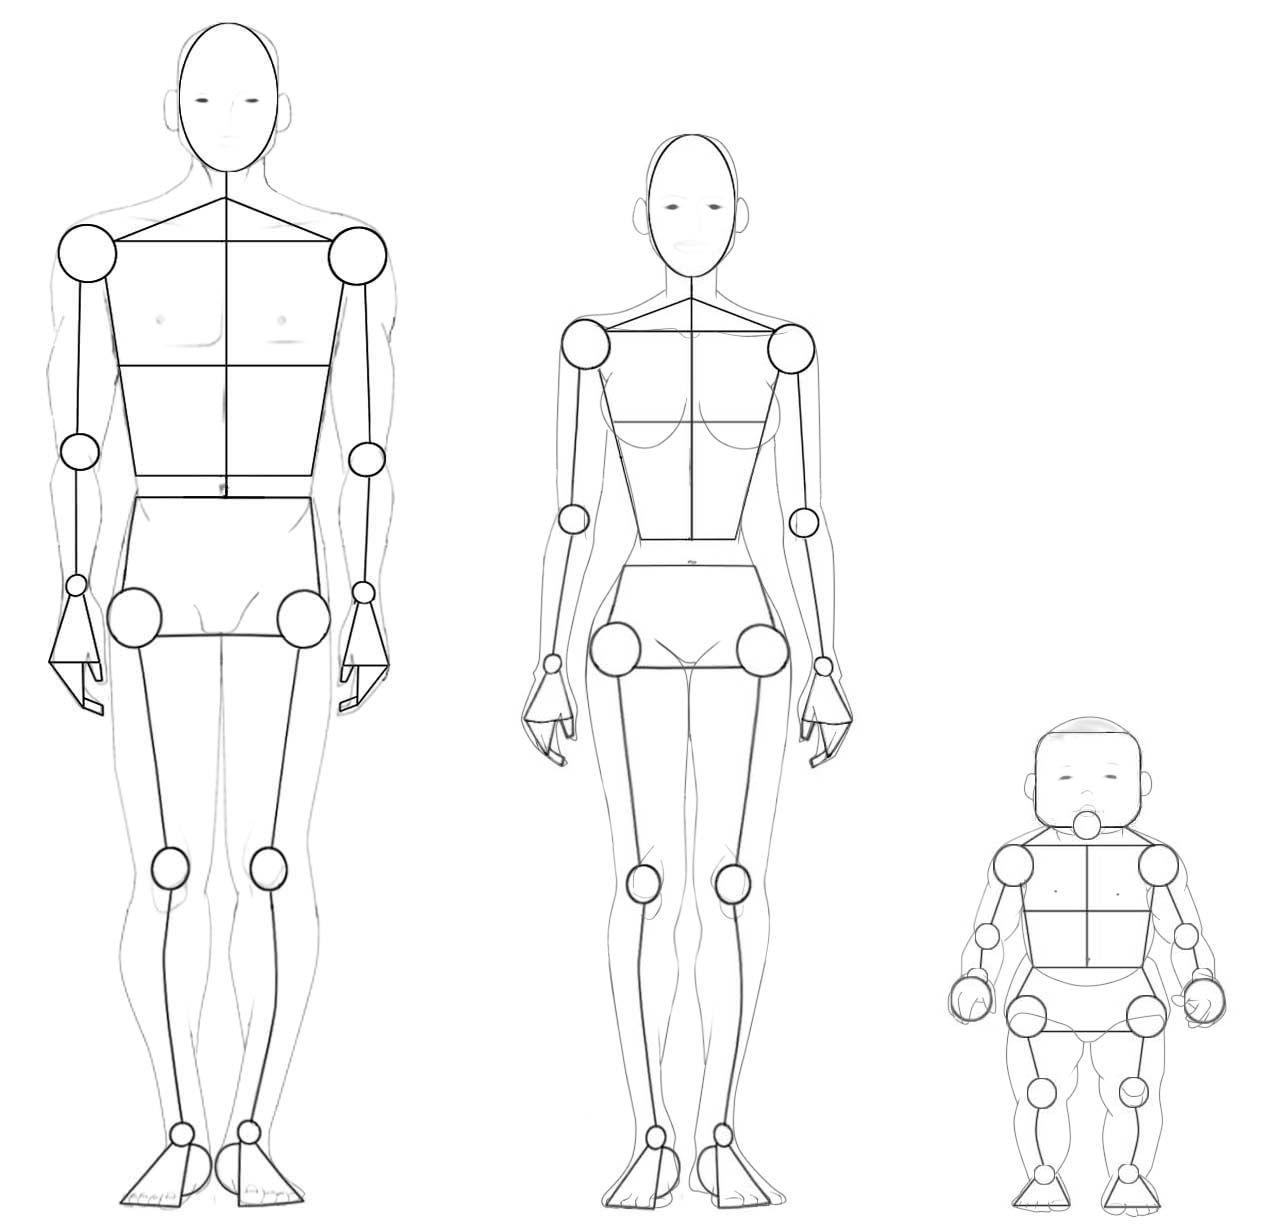 stick+figures.jpg (1276×1227) | cours dessin des mangas | Pinterest ...